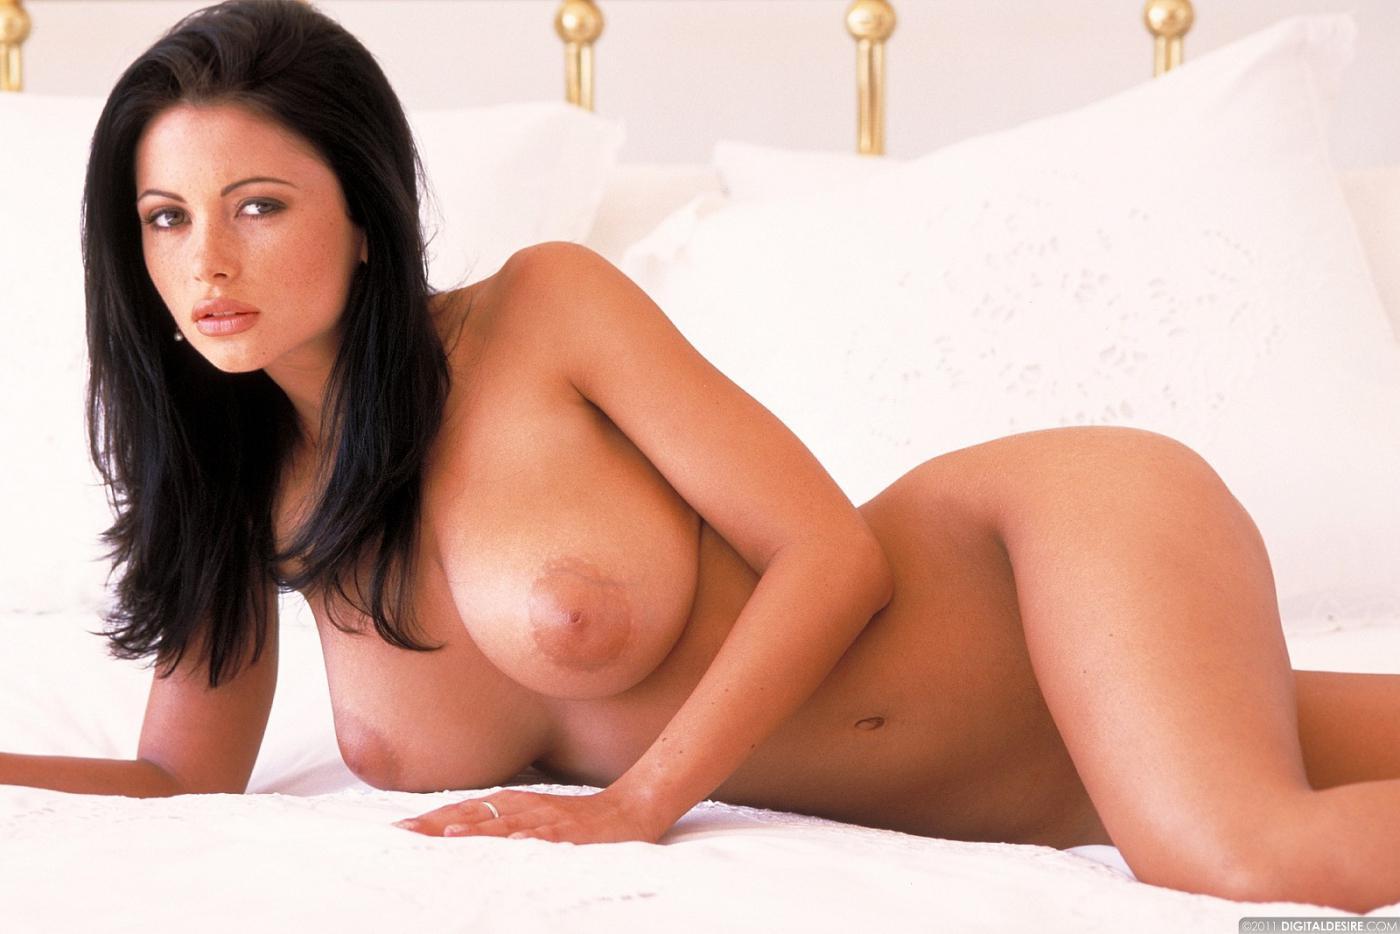 Сиськи москвы фото, Снять проституток Москвы с большой грудью, реальные 26 фотография